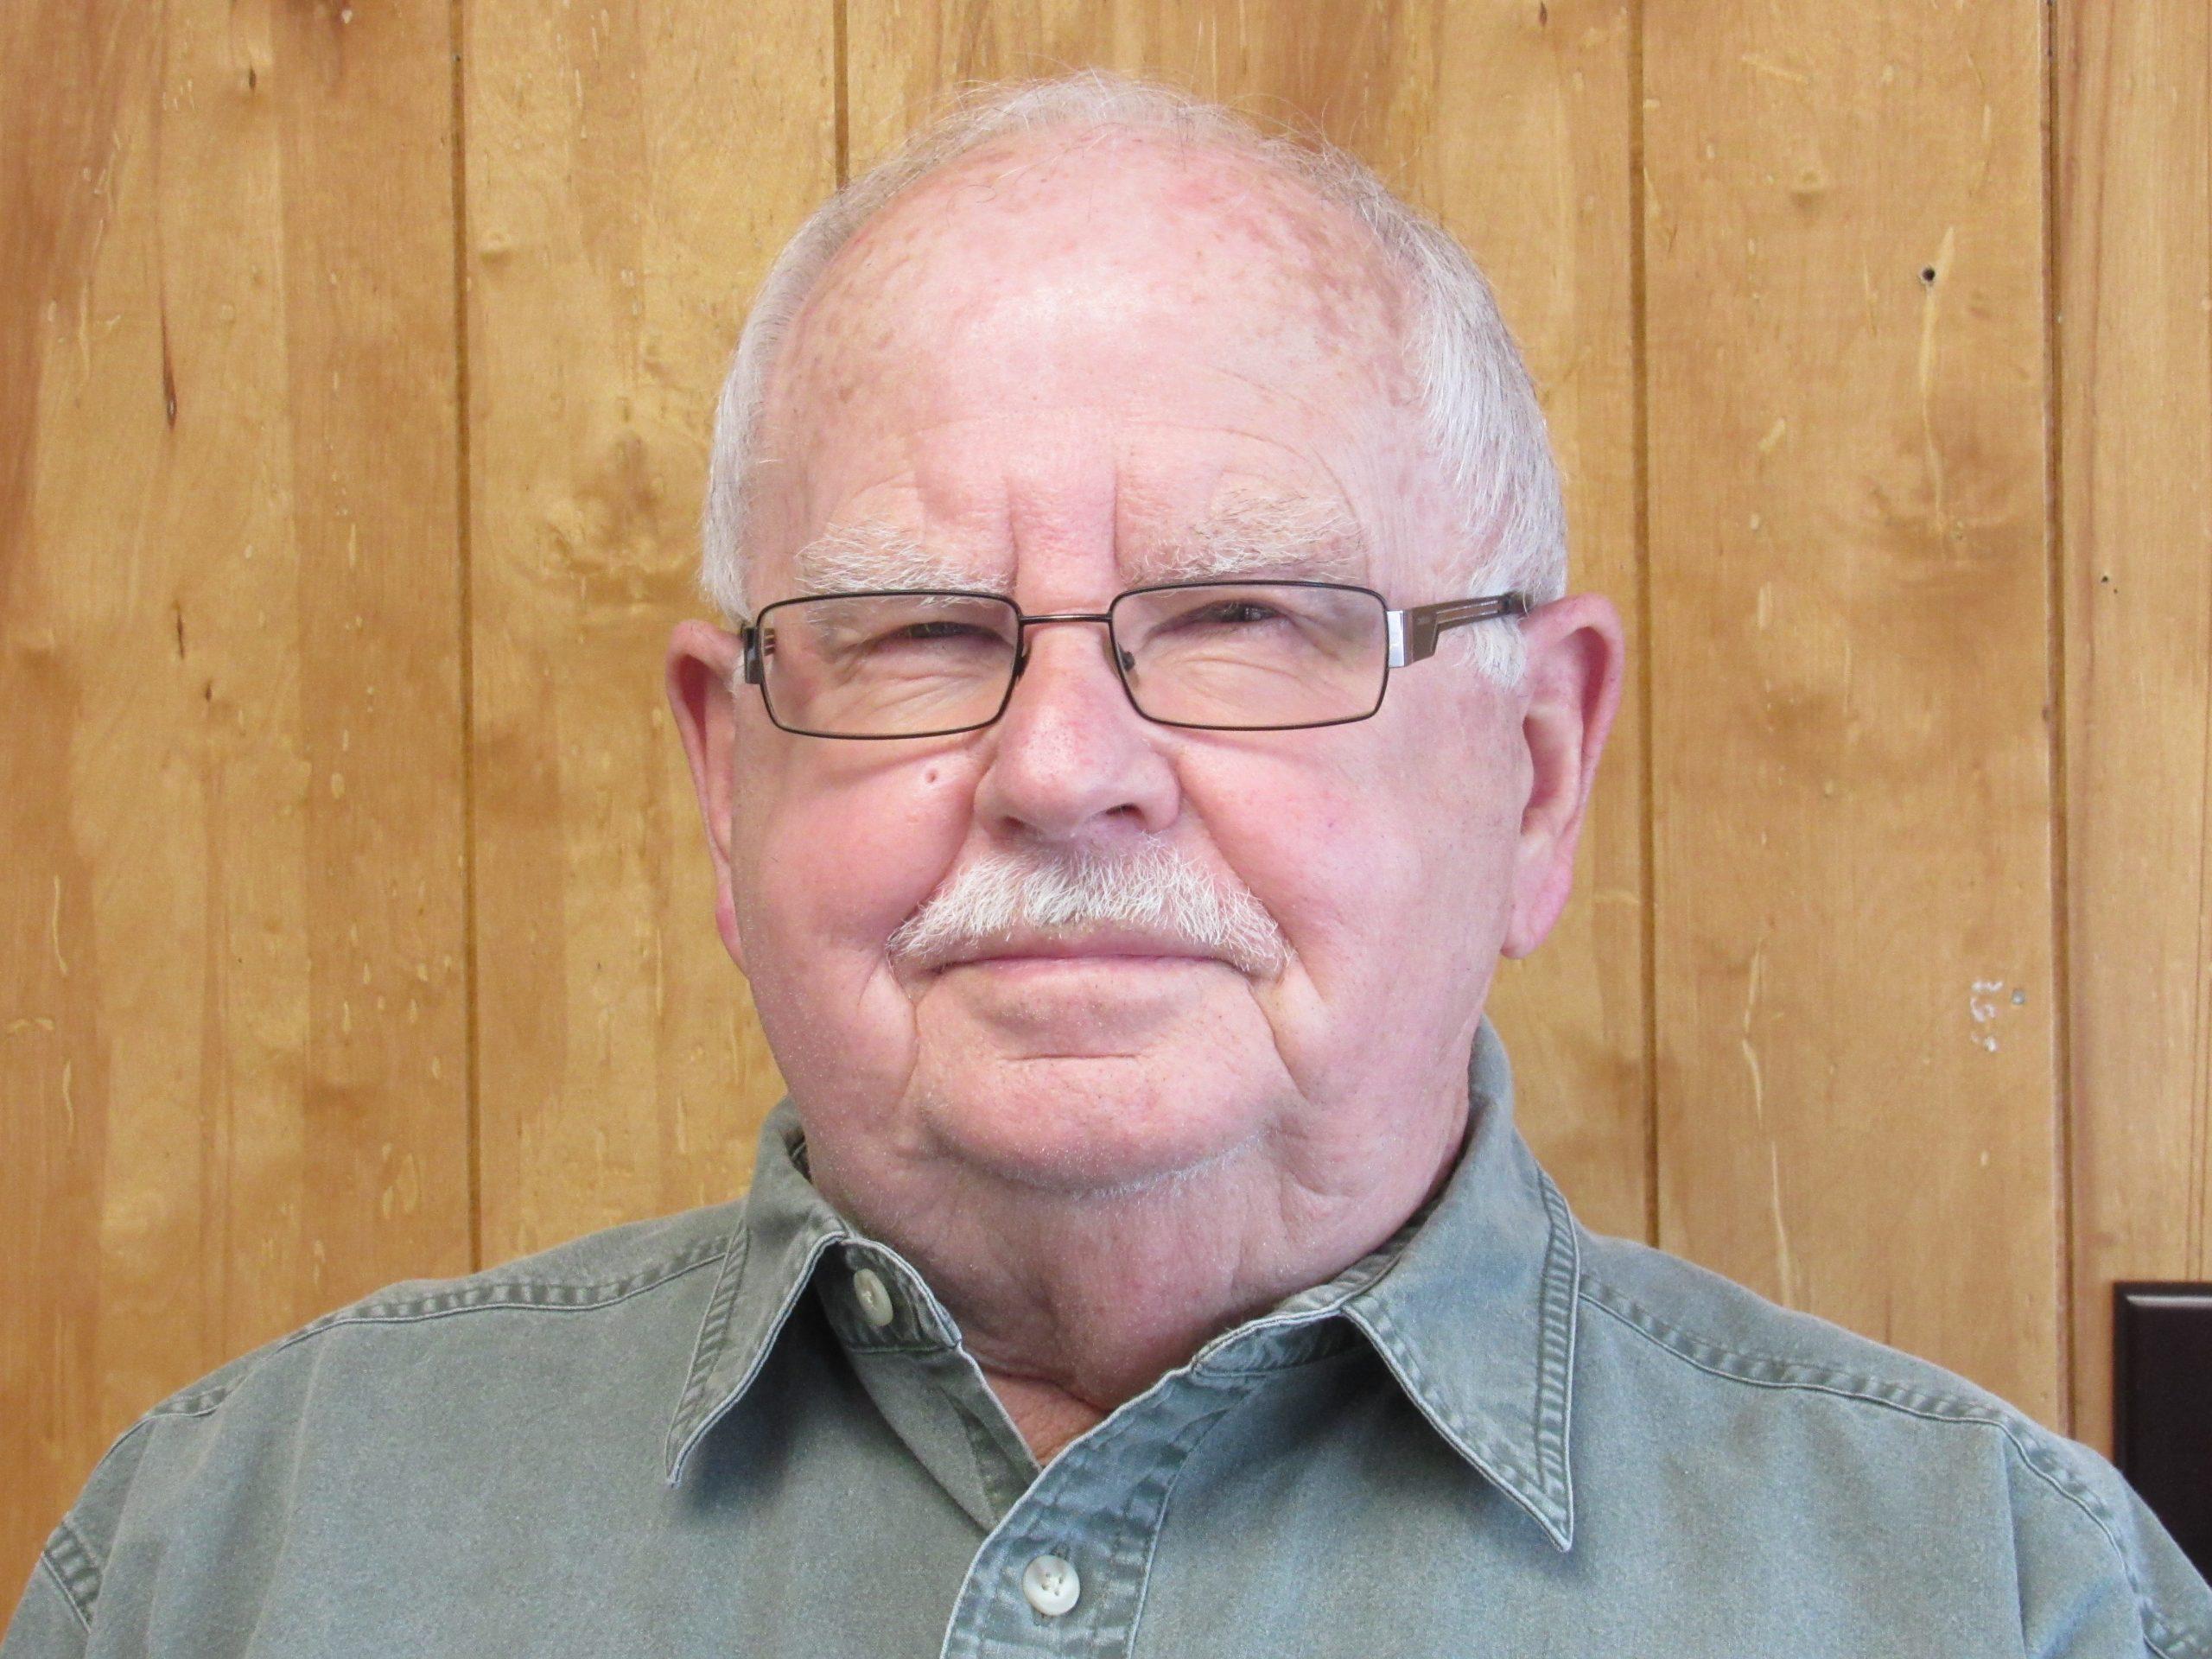 Larry A. Beck